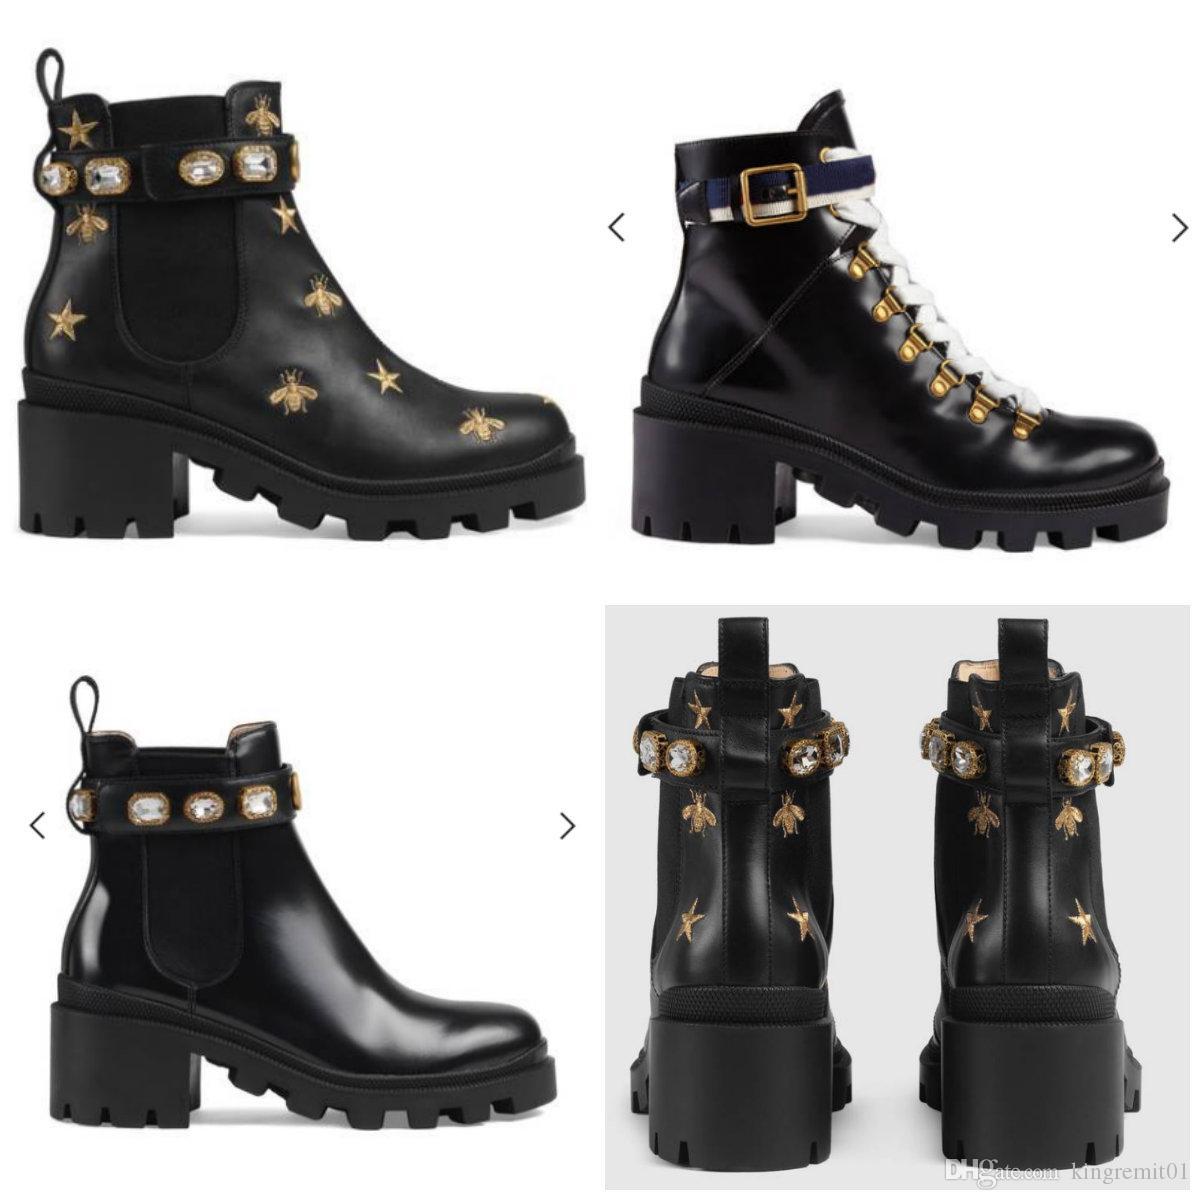 Usine de chaussures en cuir de femme directe talon rugueux femme tête ronde à lacets boucle de ceinture boucle de cheville bottes automne hiver Martin BootsSIZE35-42